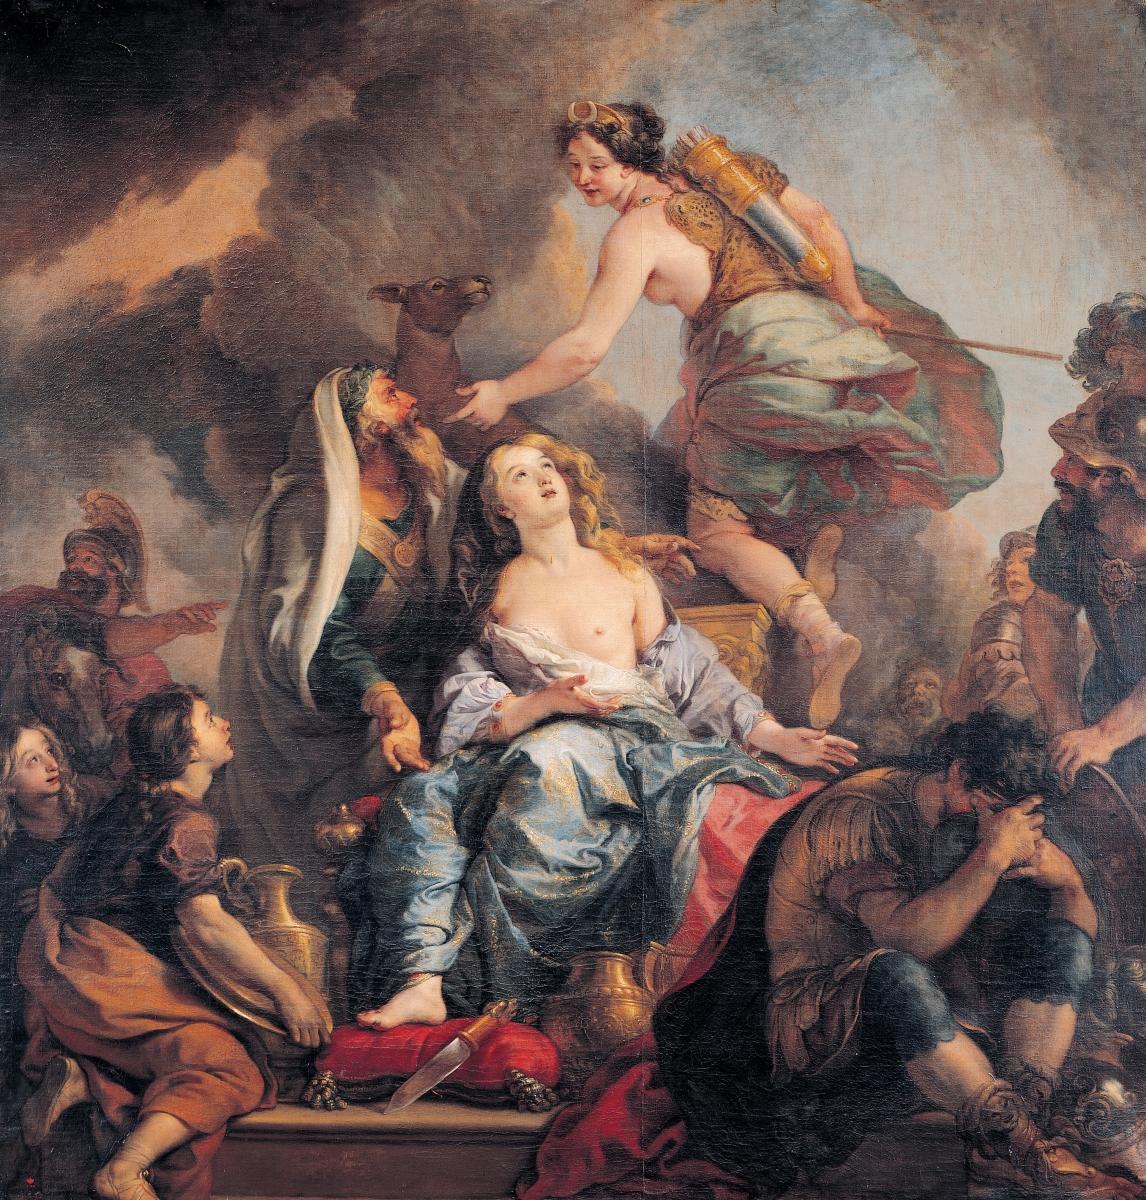 Exposition Charles de la Fosse - Château de Versailles